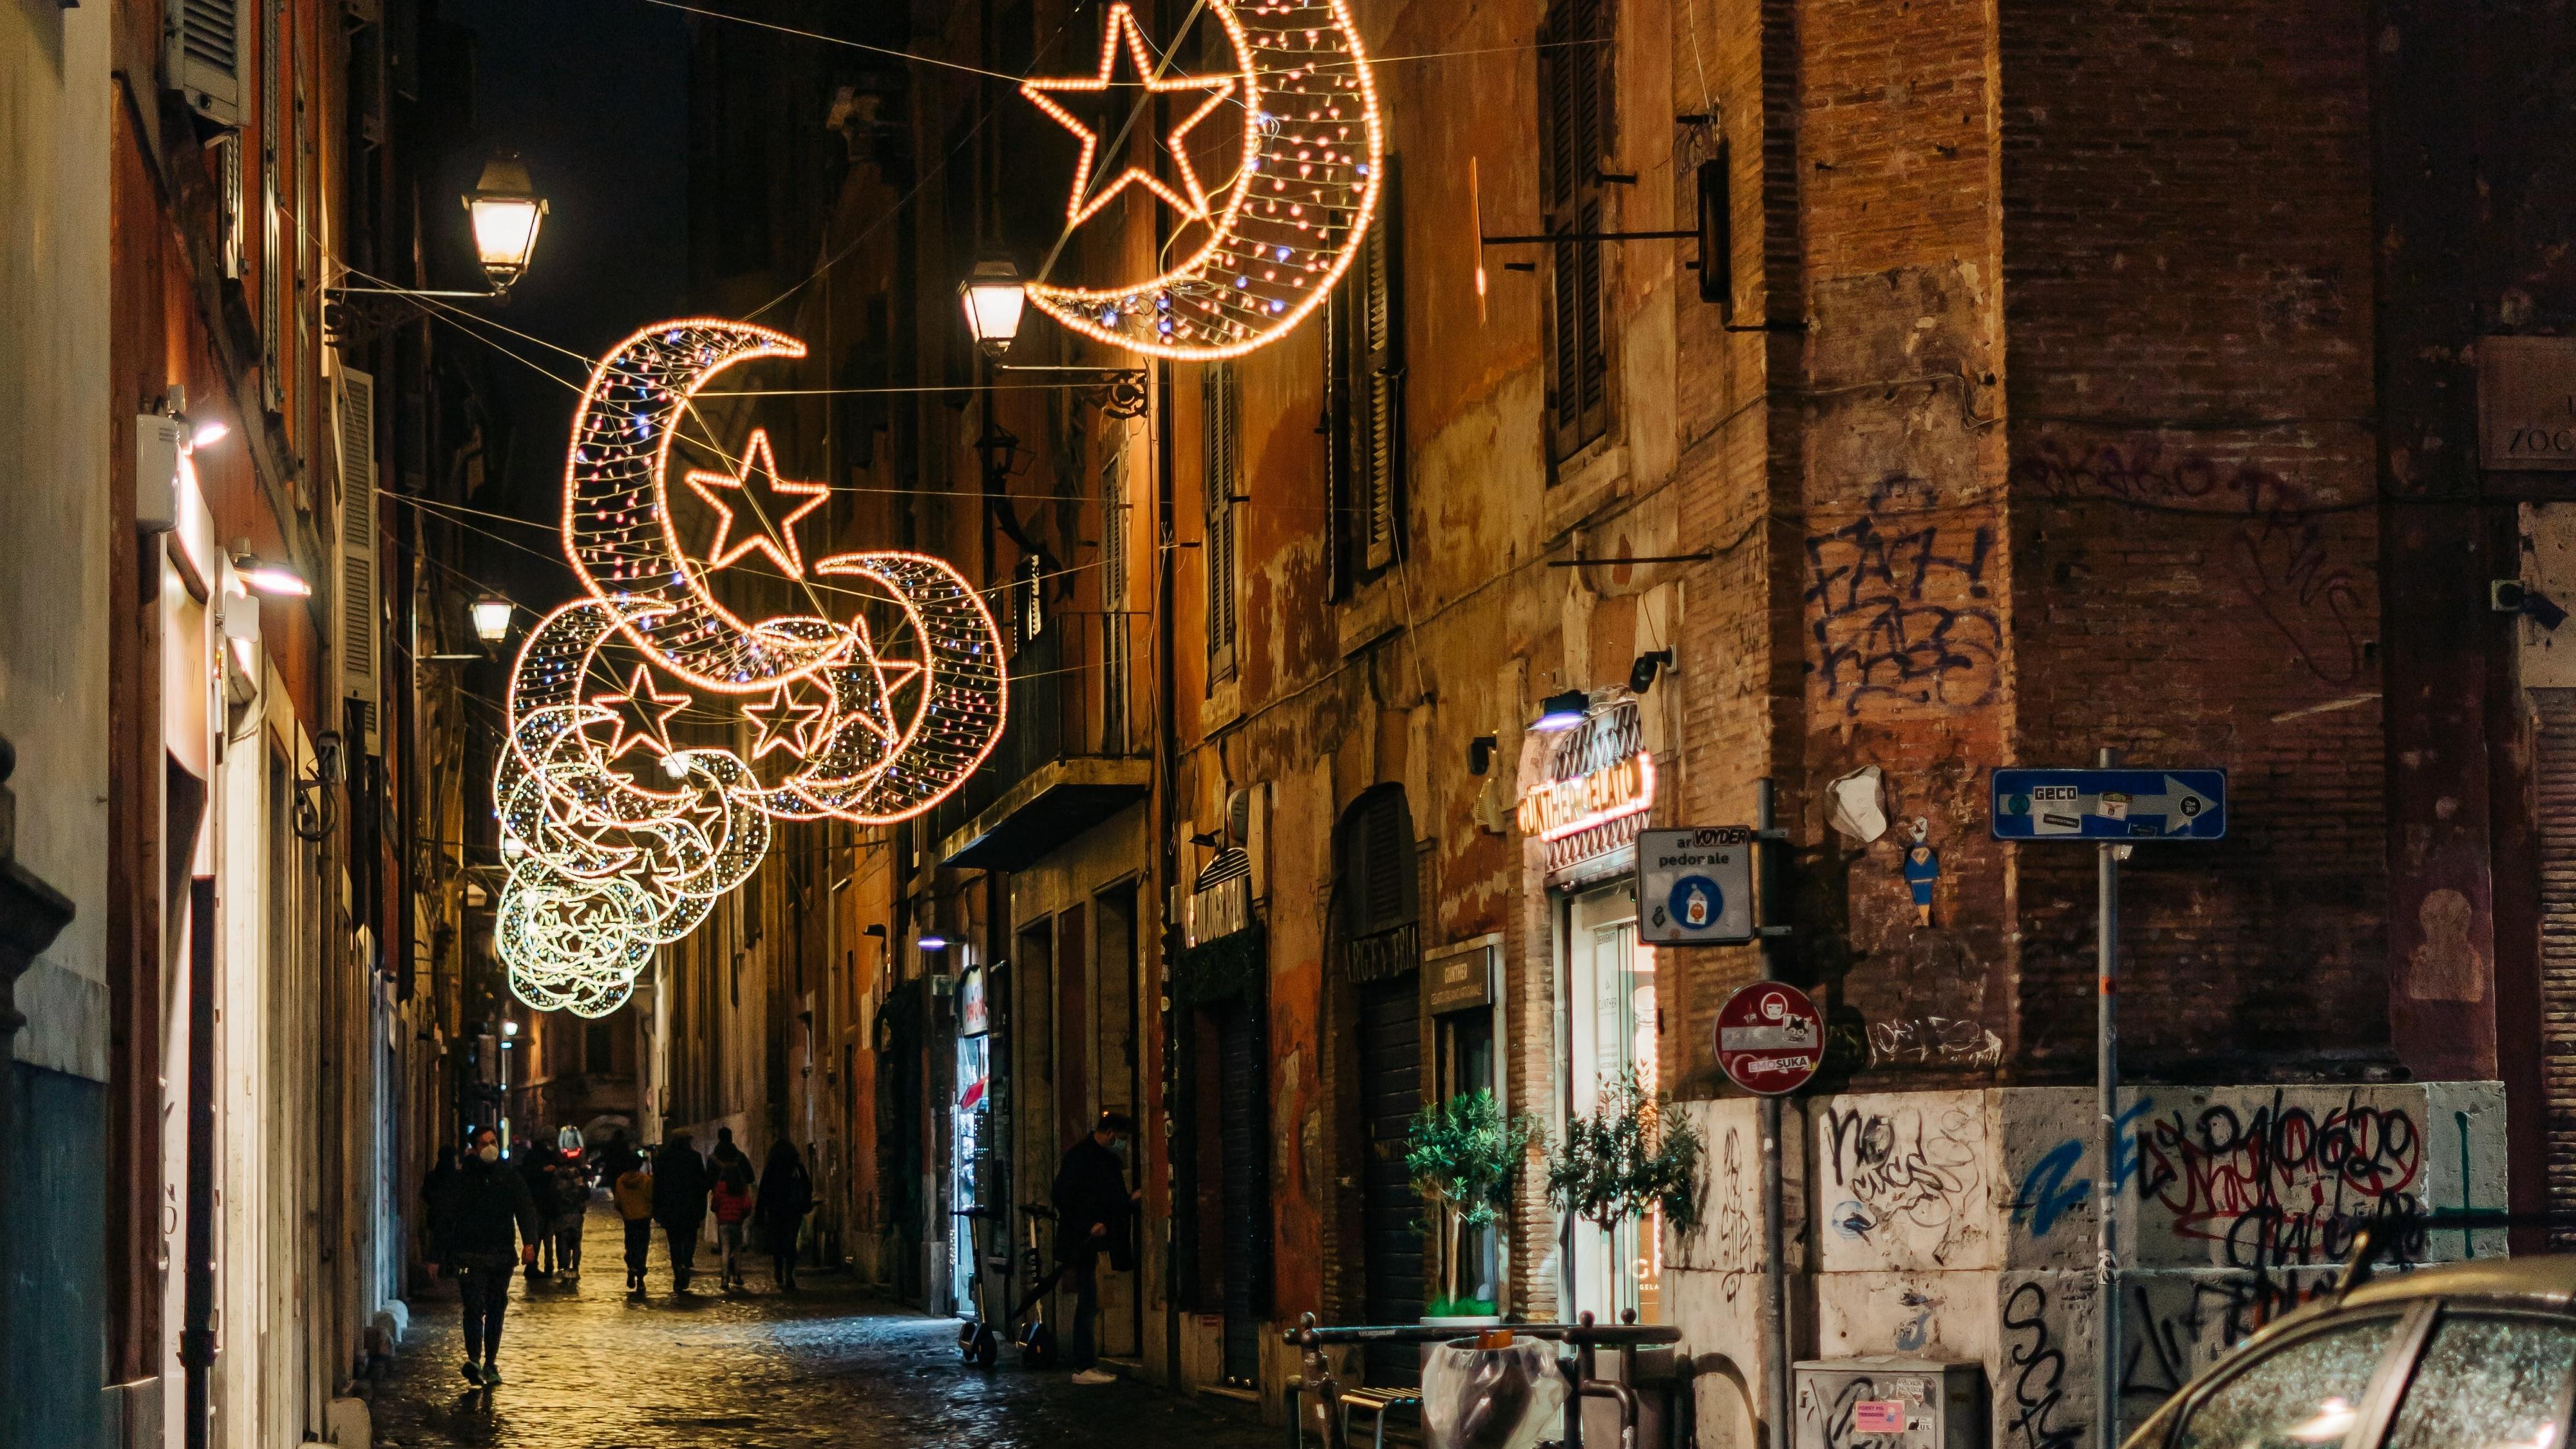 Weihnachten in Italien - das gehört dazu